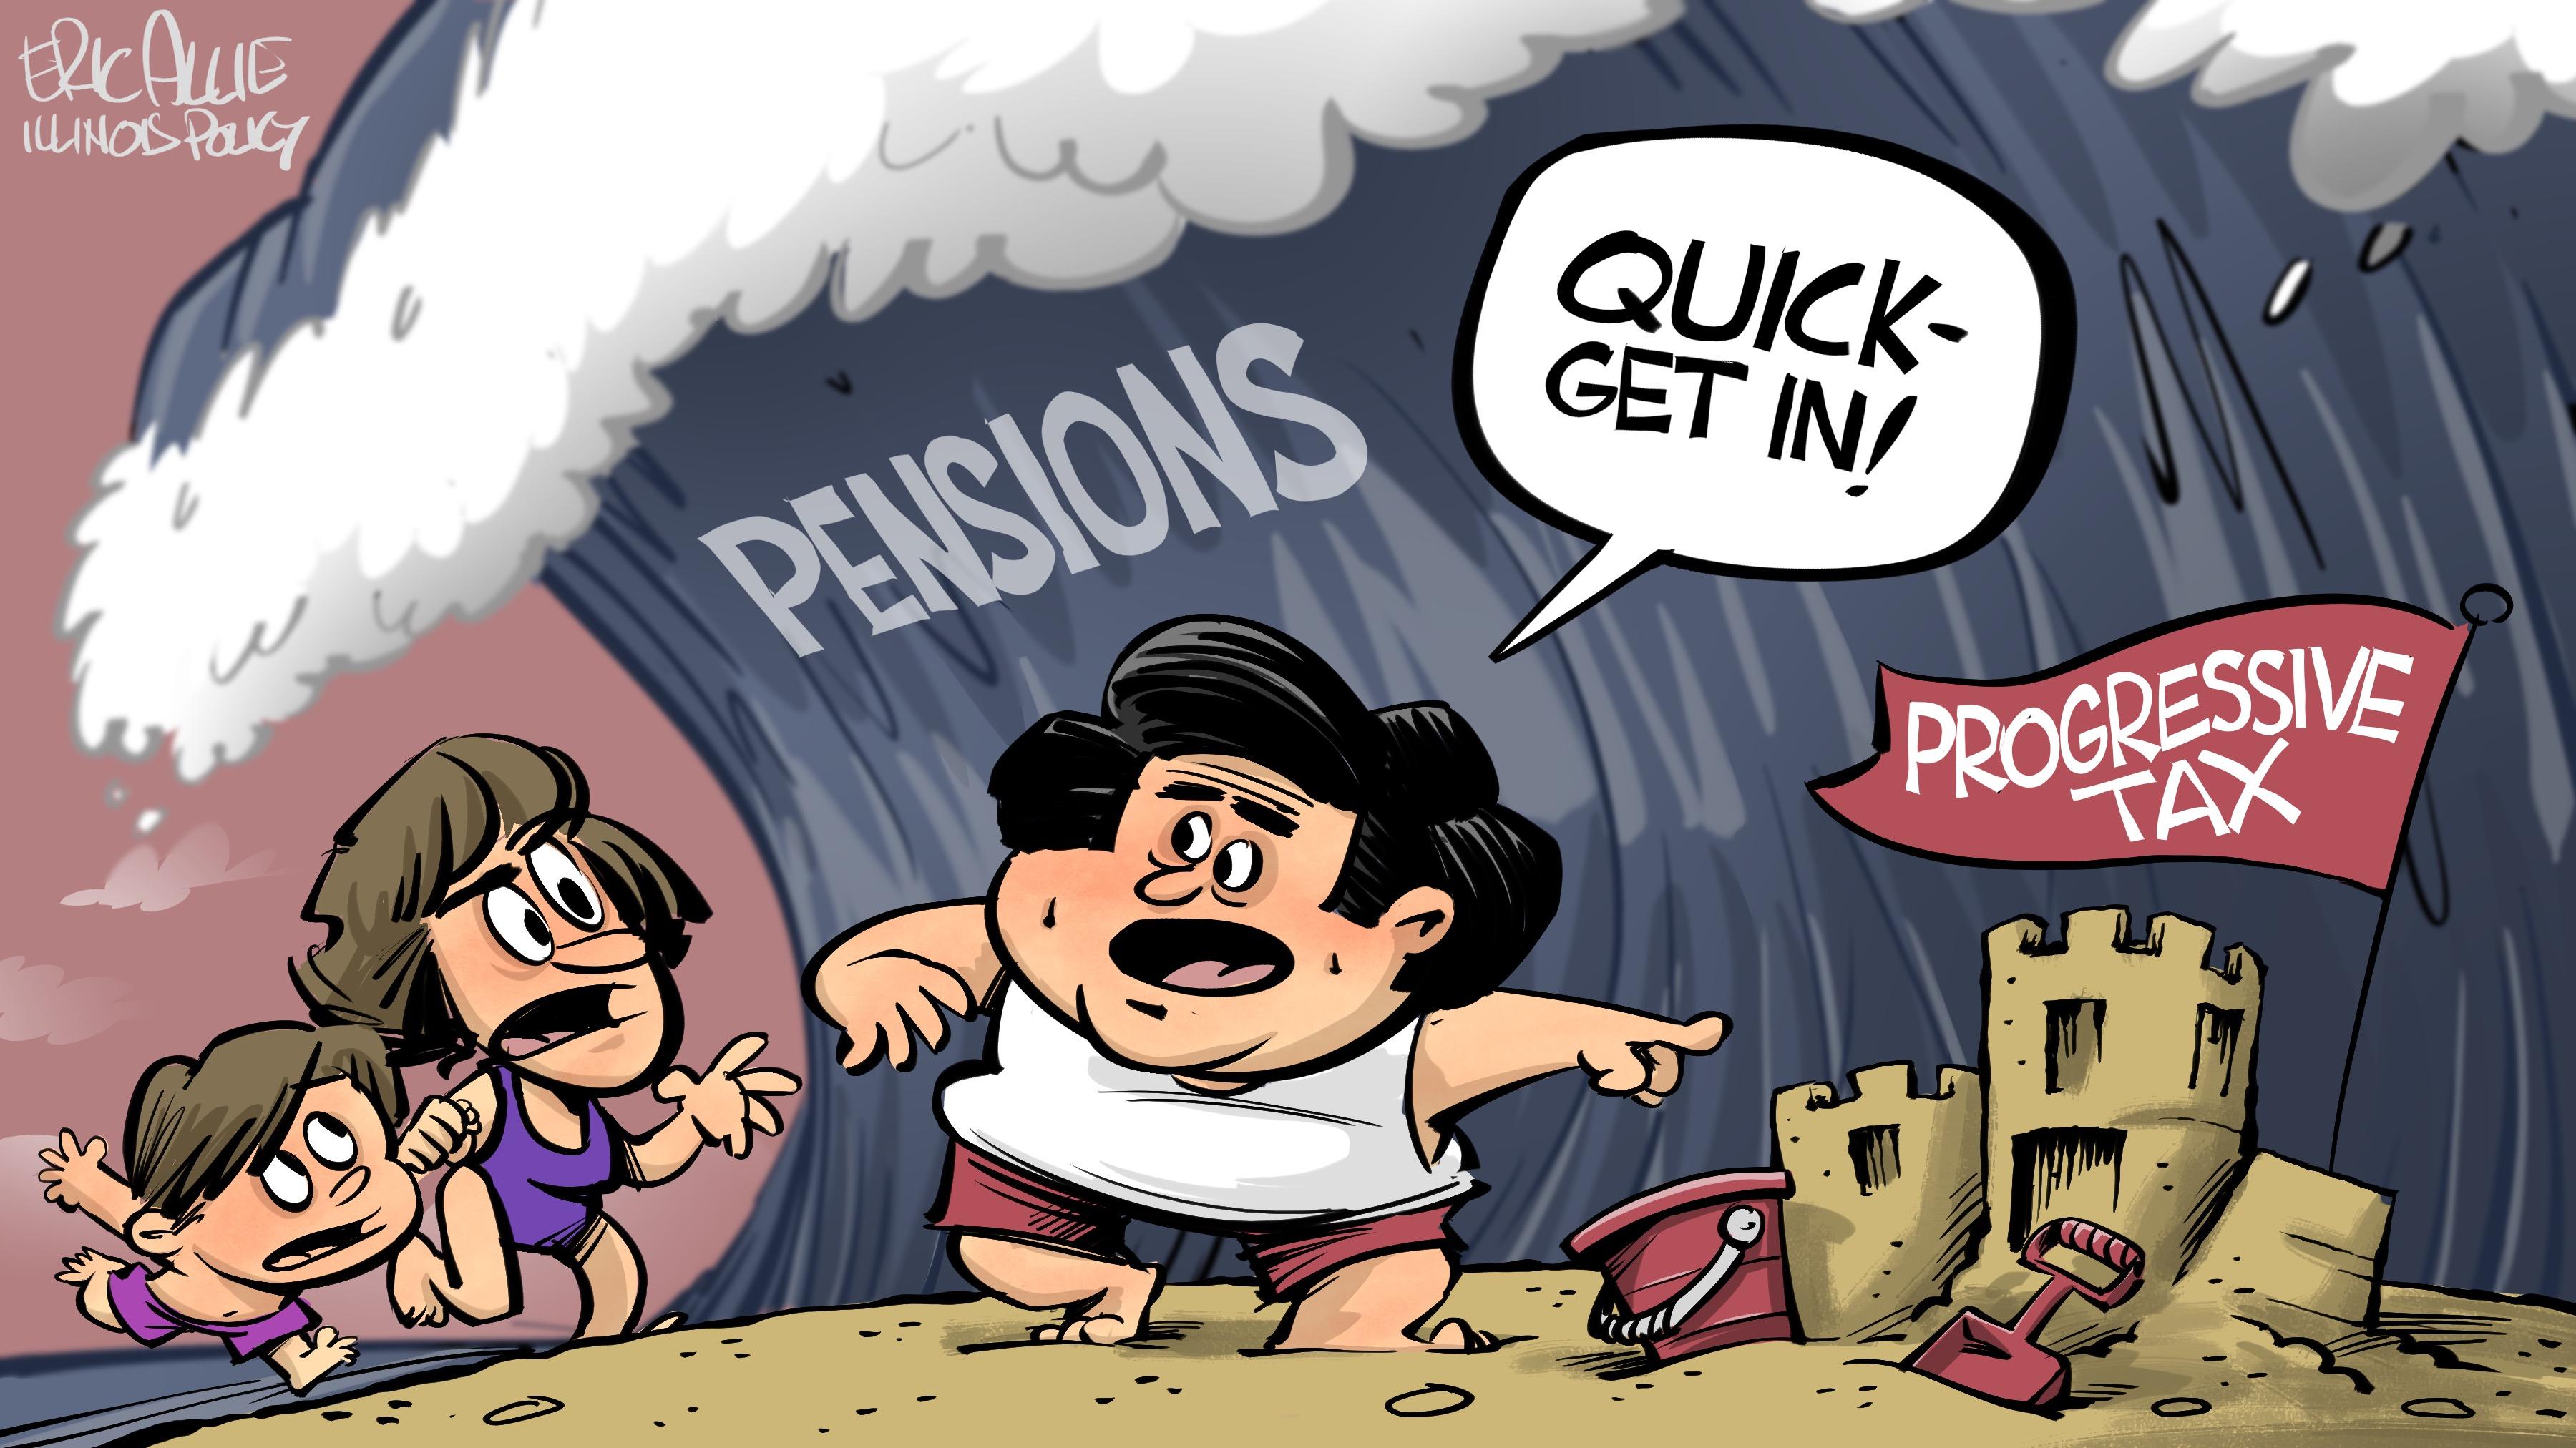 Pension wave crashing down